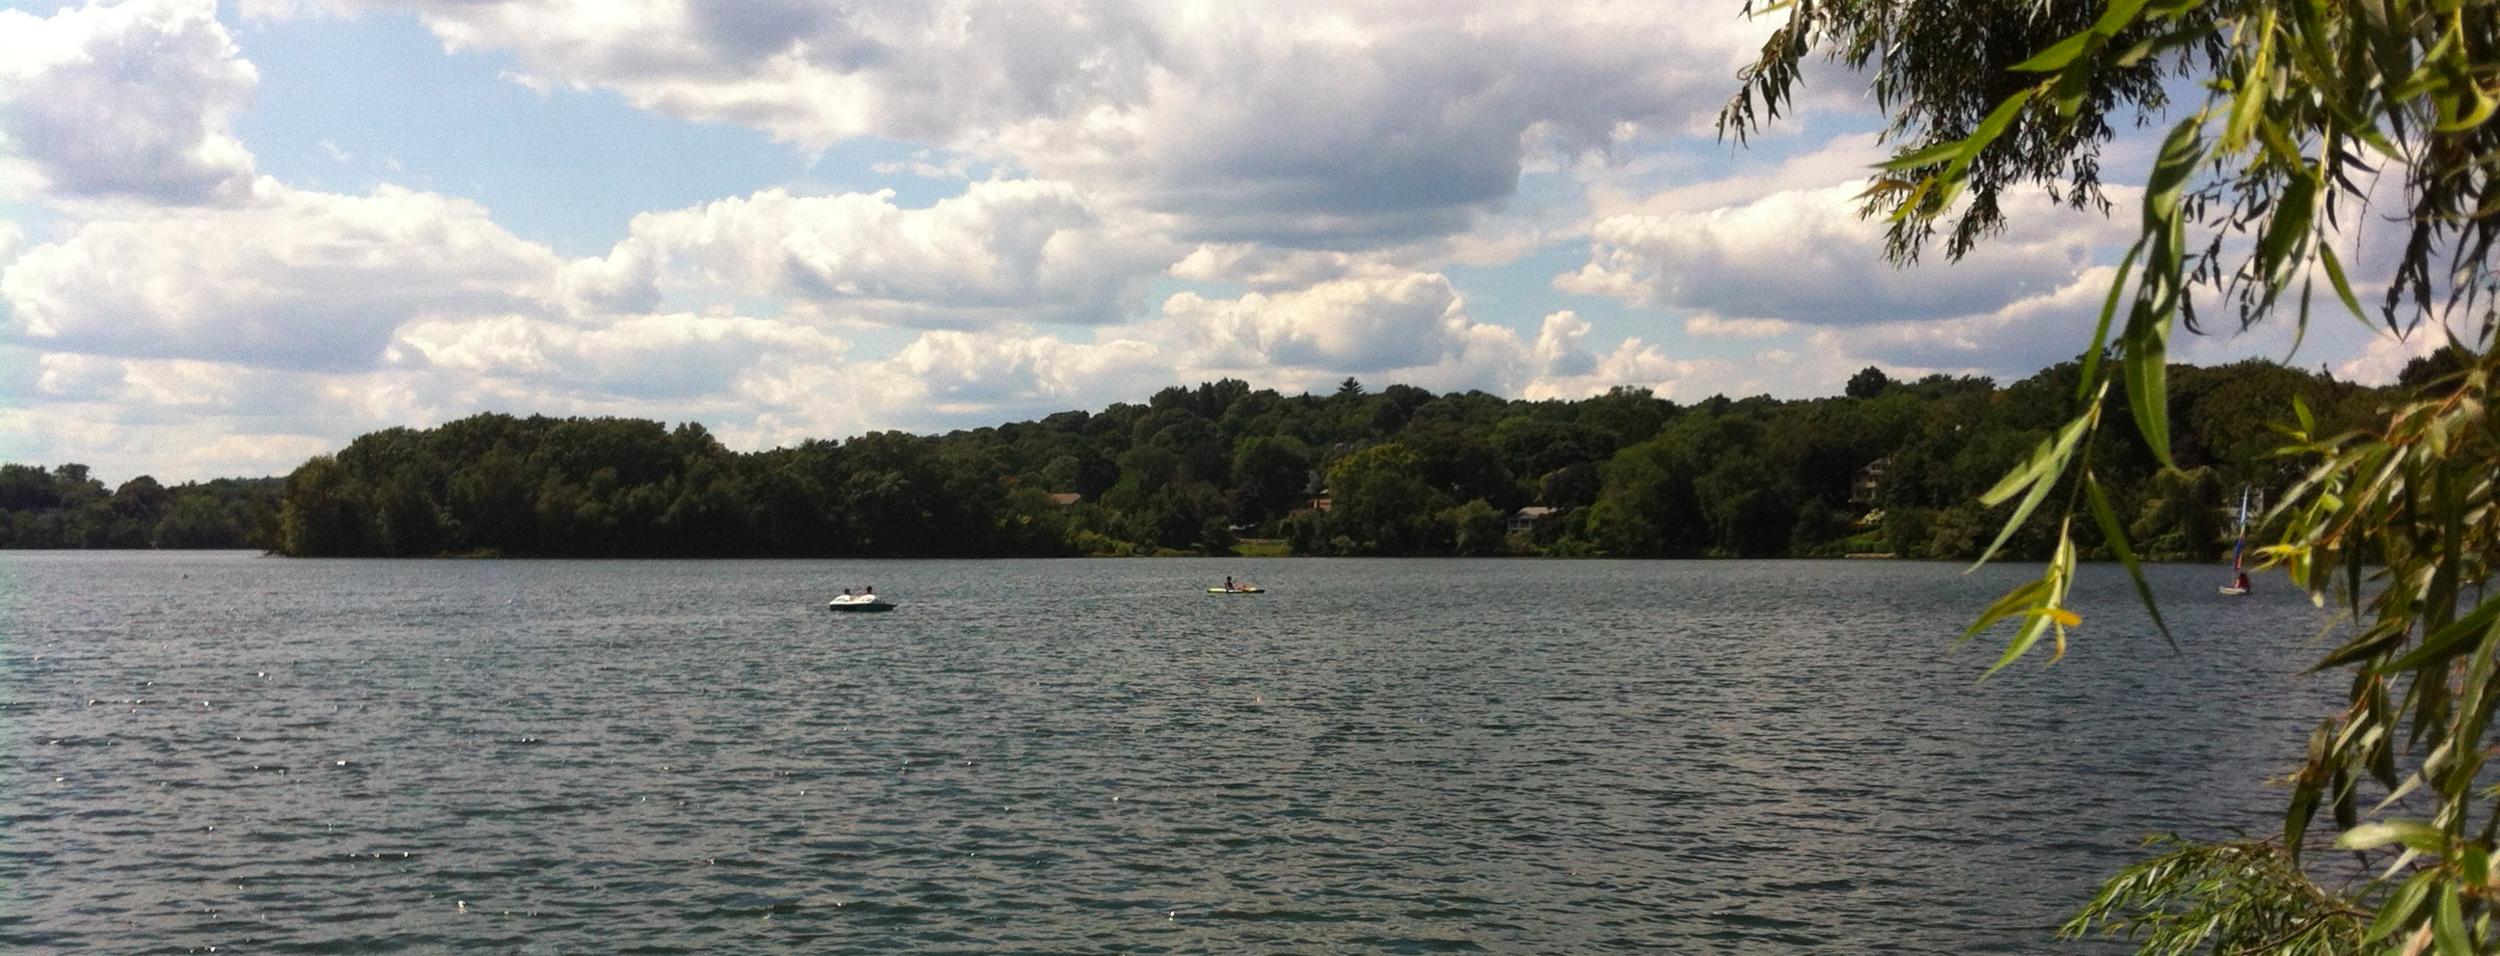 Spy Pond ~ August 16, 2013